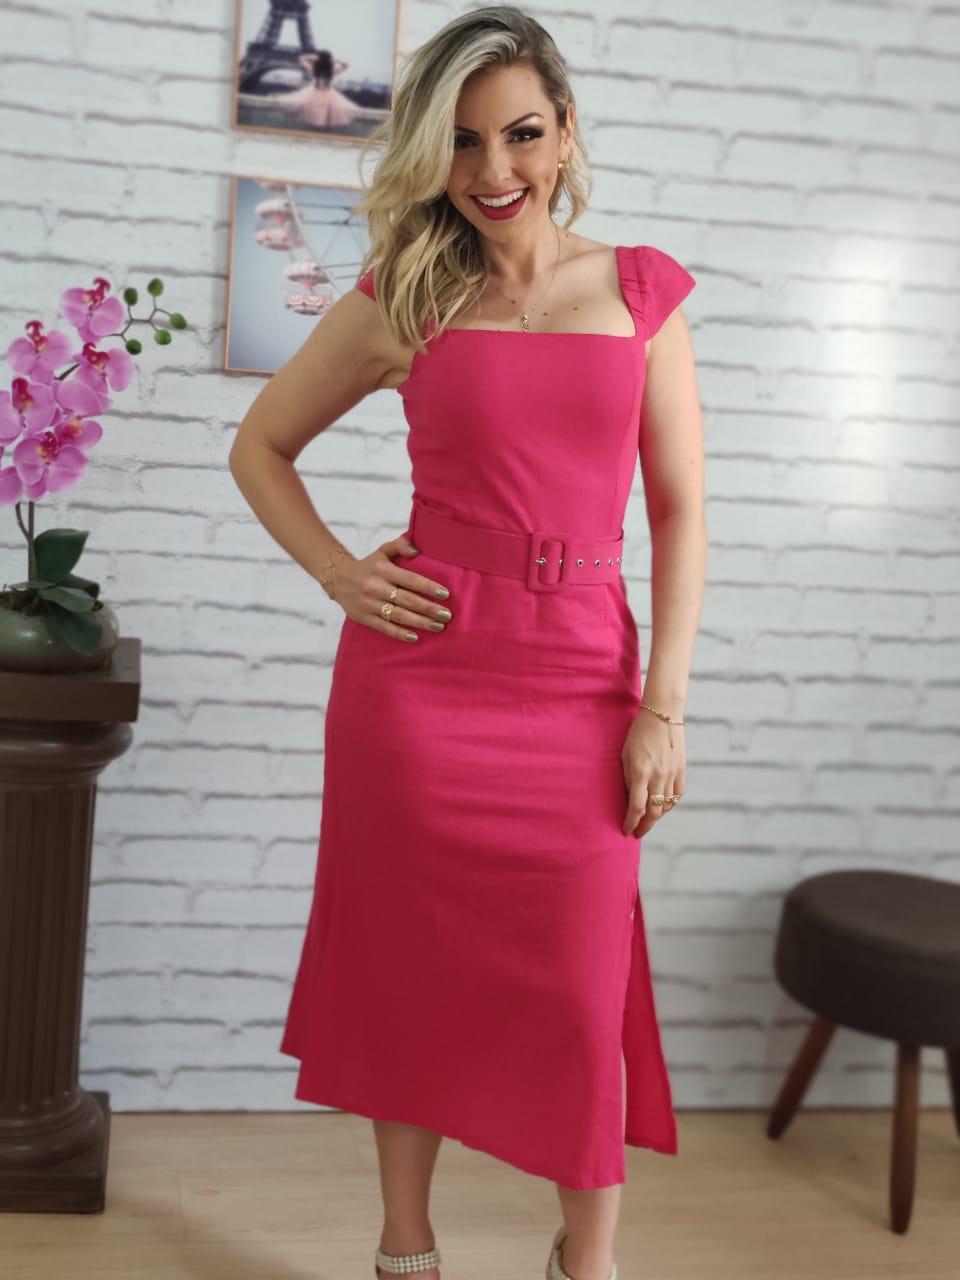 Vestido Midi Detalhe Cinto Encapado Pink